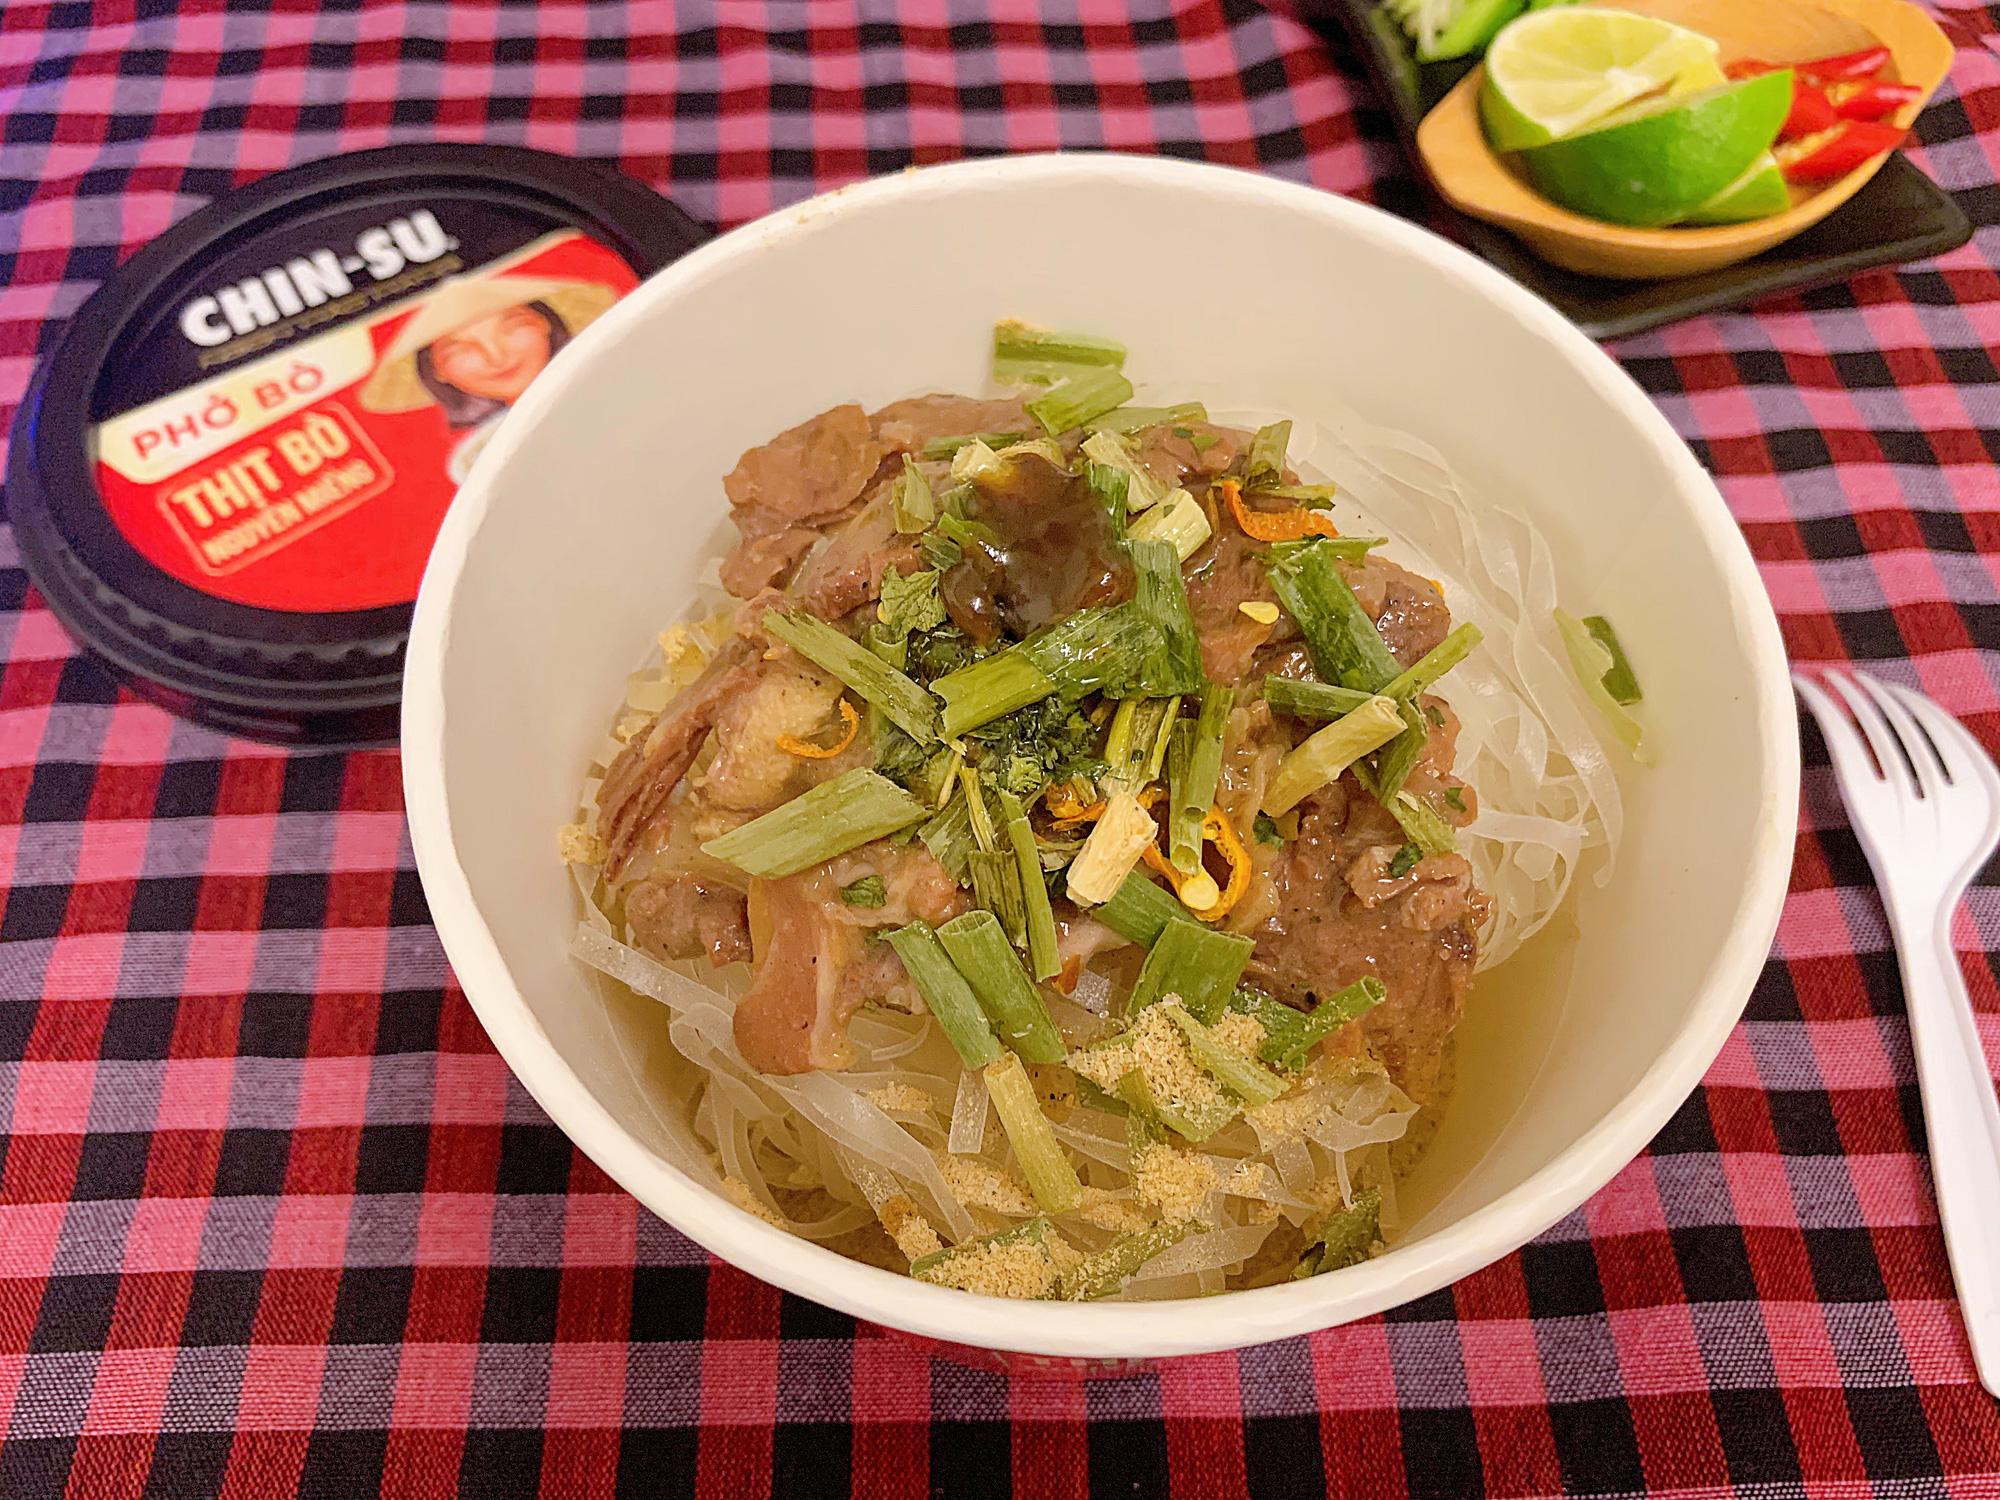 """Thành viên nhóm review ẩm thực hàng đầu Việt Nam bàn tán về loại phở ăn liền đang hot gần đây: Bất ngờ bởi thịt bò xịn"""" nguyên miếng!-2"""